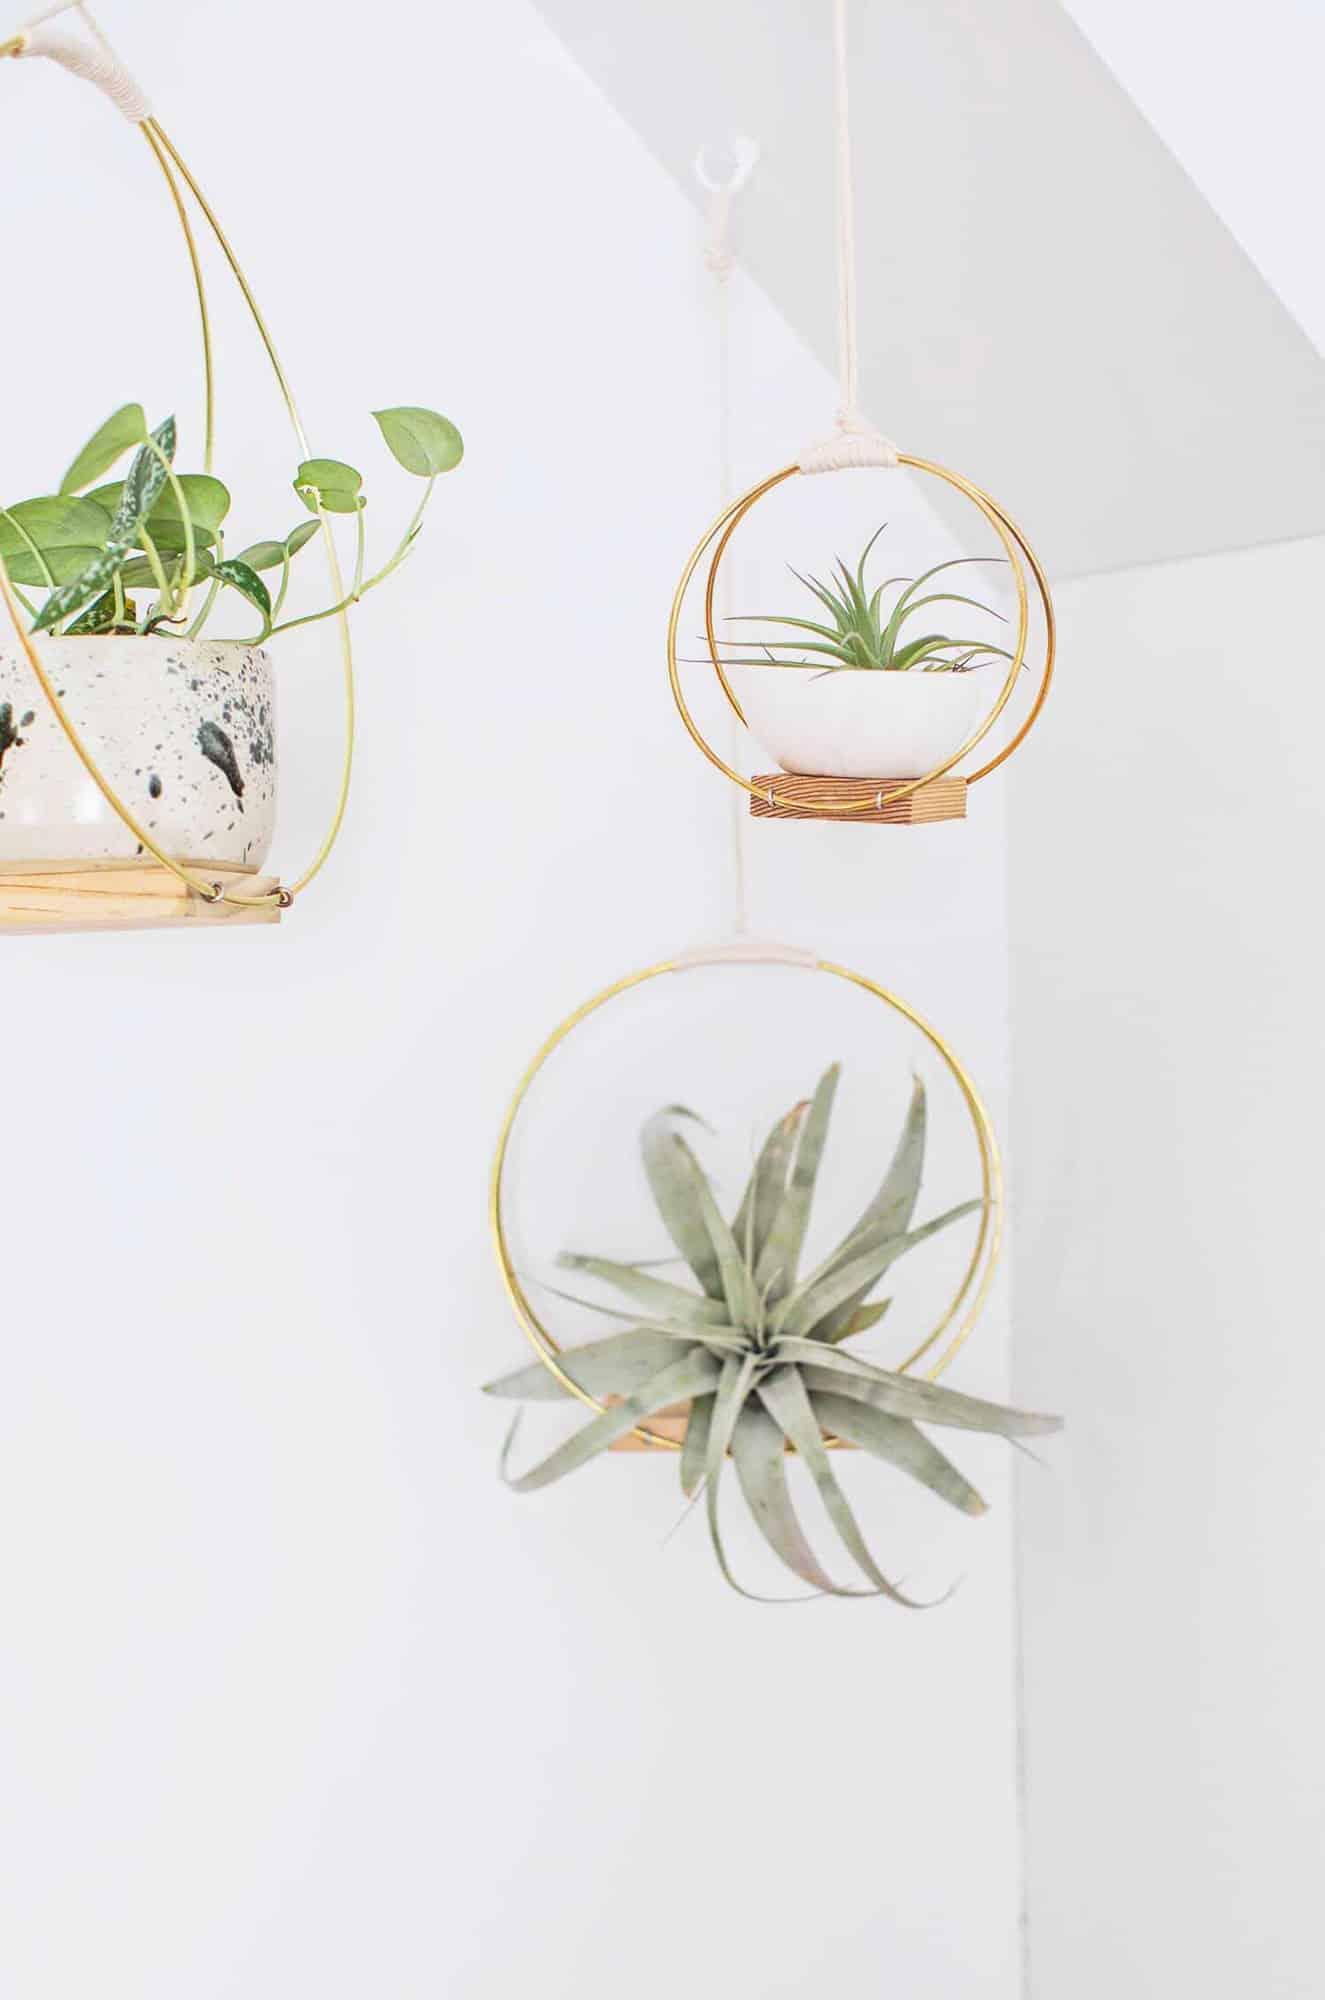 DIY brass ring planter